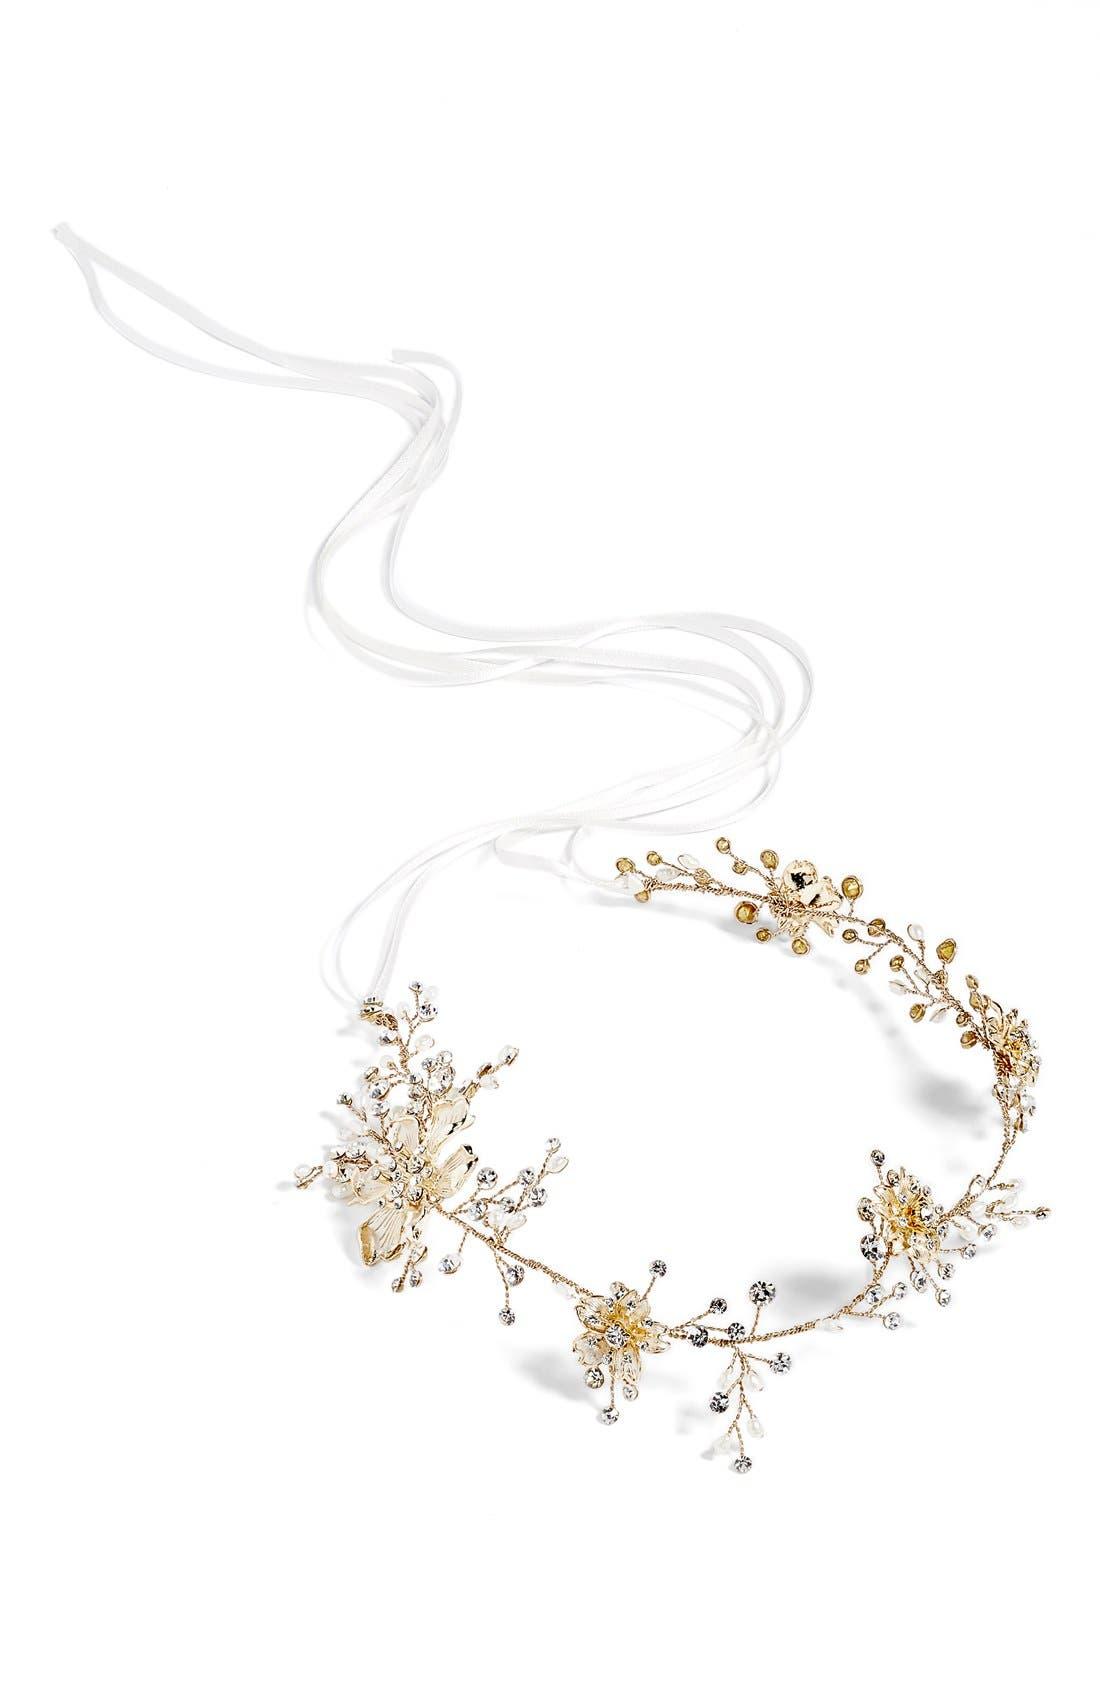 Atiena Embellished Floral Motif Halo & Sash,                             Alternate thumbnail 6, color,                             14 K GOLD